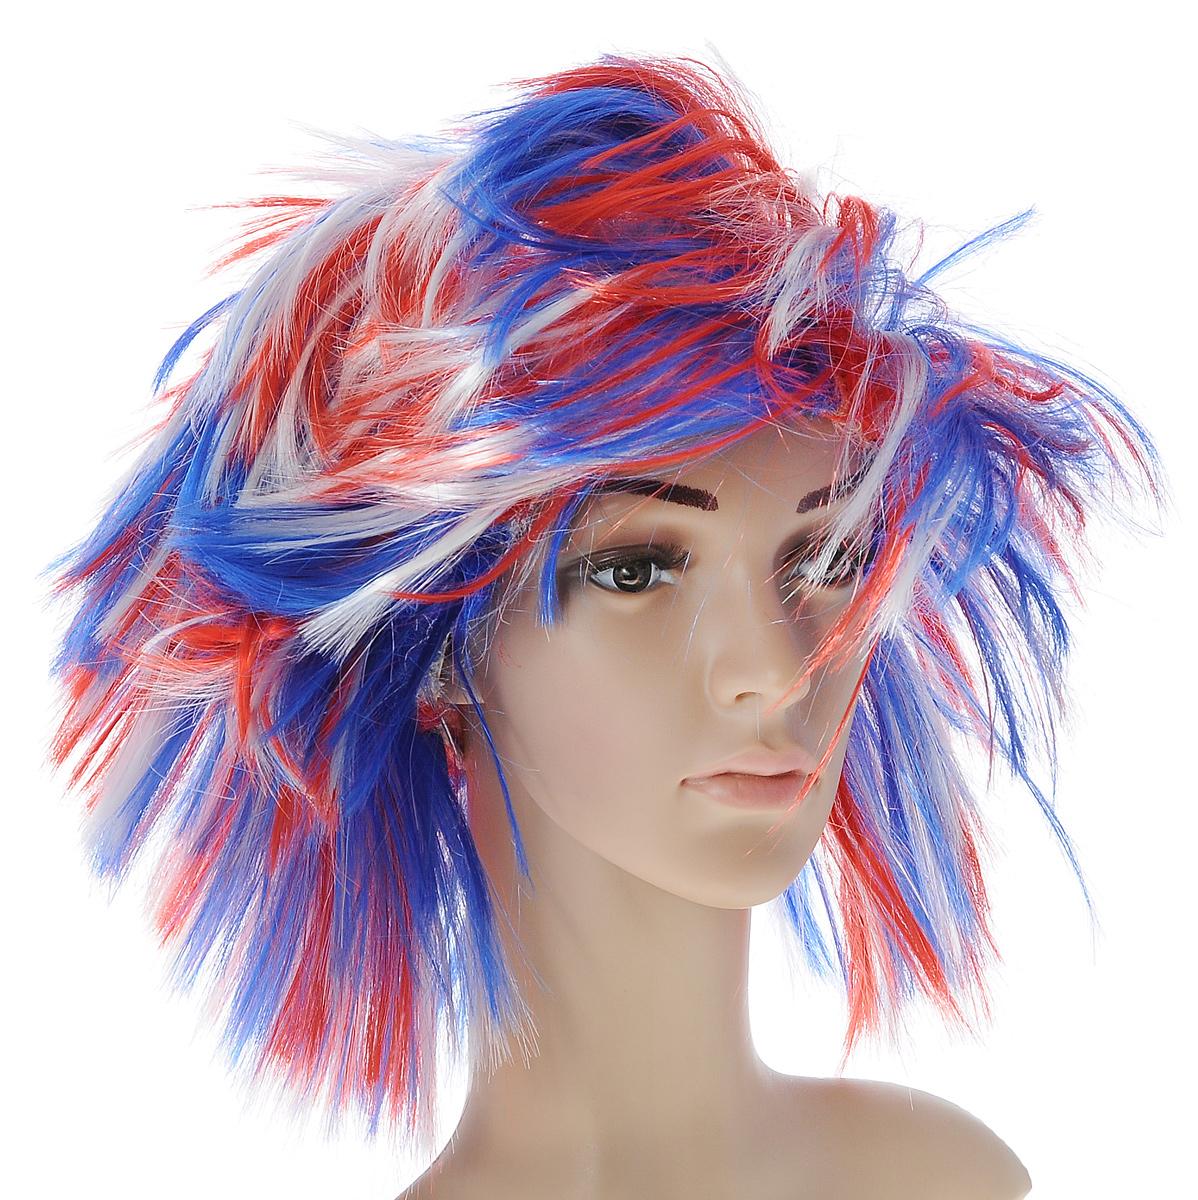 Парик маскарадный Феникс-презент Бунтарка, цвет: белый, синий, красный31209Маскарадный парик Феникс-презент Бунтарка выполнен из полиэстера и имеет разную длину прядей. В таком парике вы будете выглядеть просто великолепно. Веселое настроение и масса положительных эмоций вам будут обеспечены!Размер: универсальный. Максимальная длина волос: 15 см.